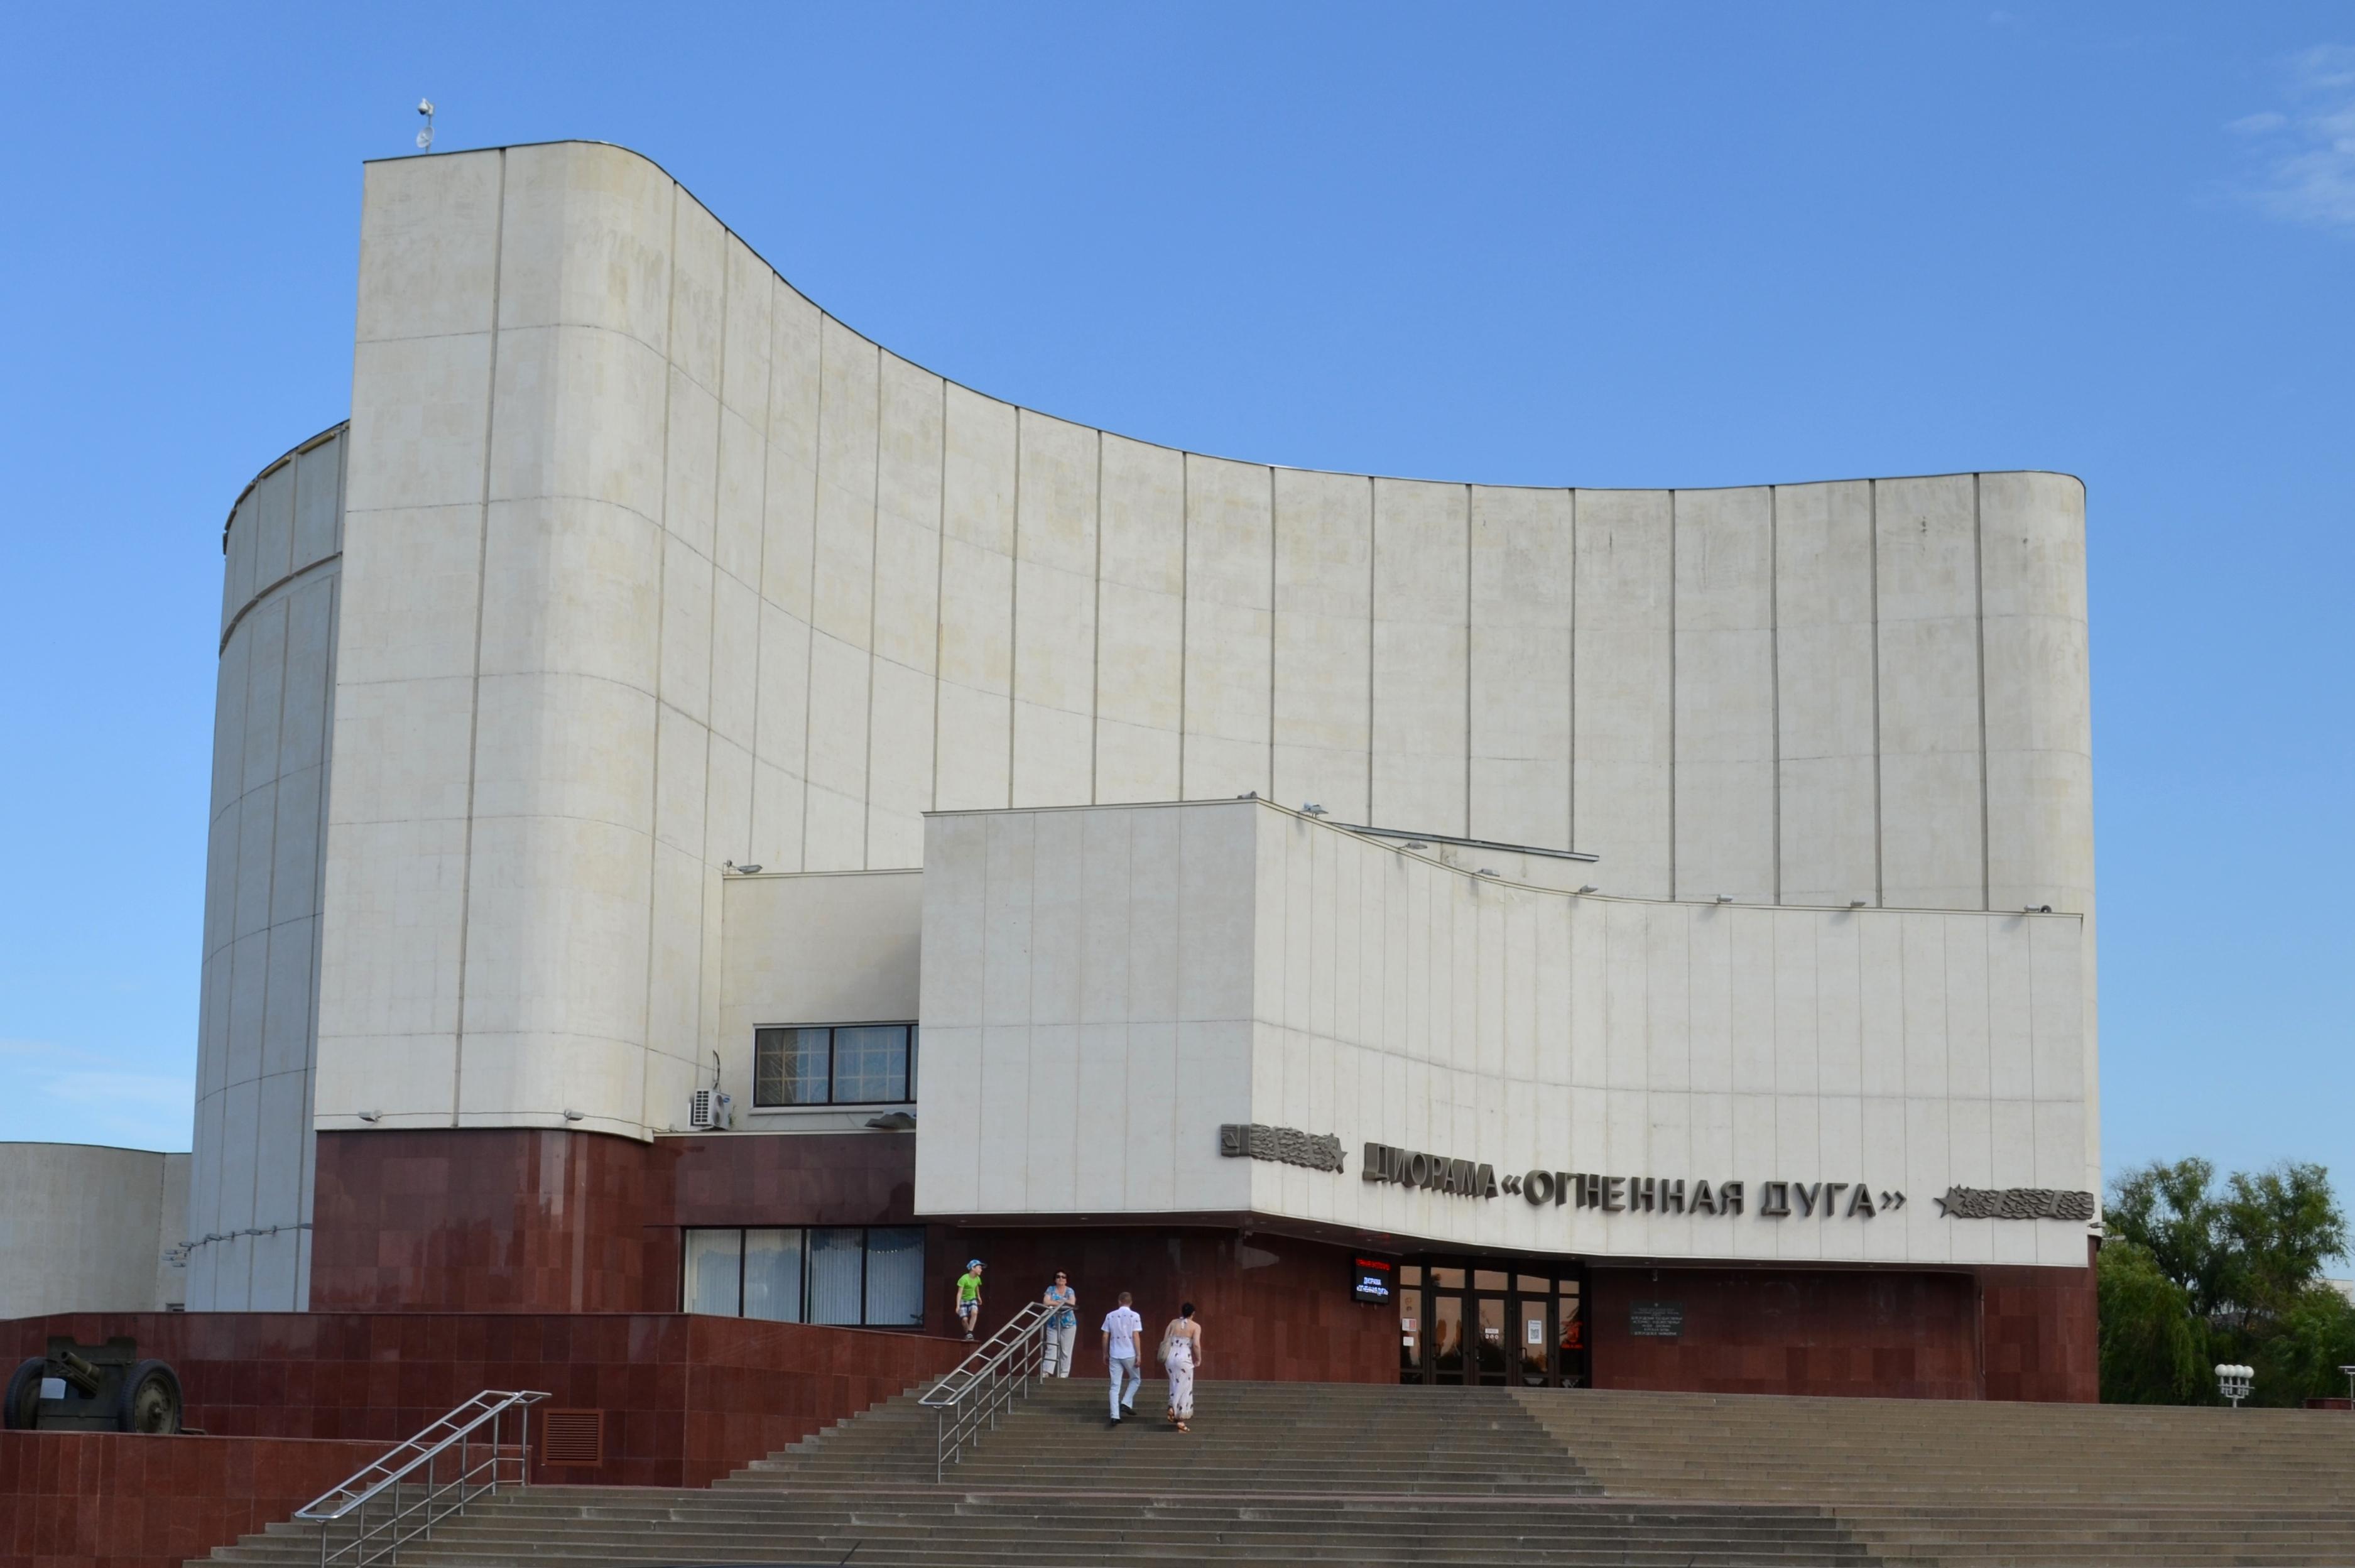 Поликлиника 2 город дзержинск расписание врачей